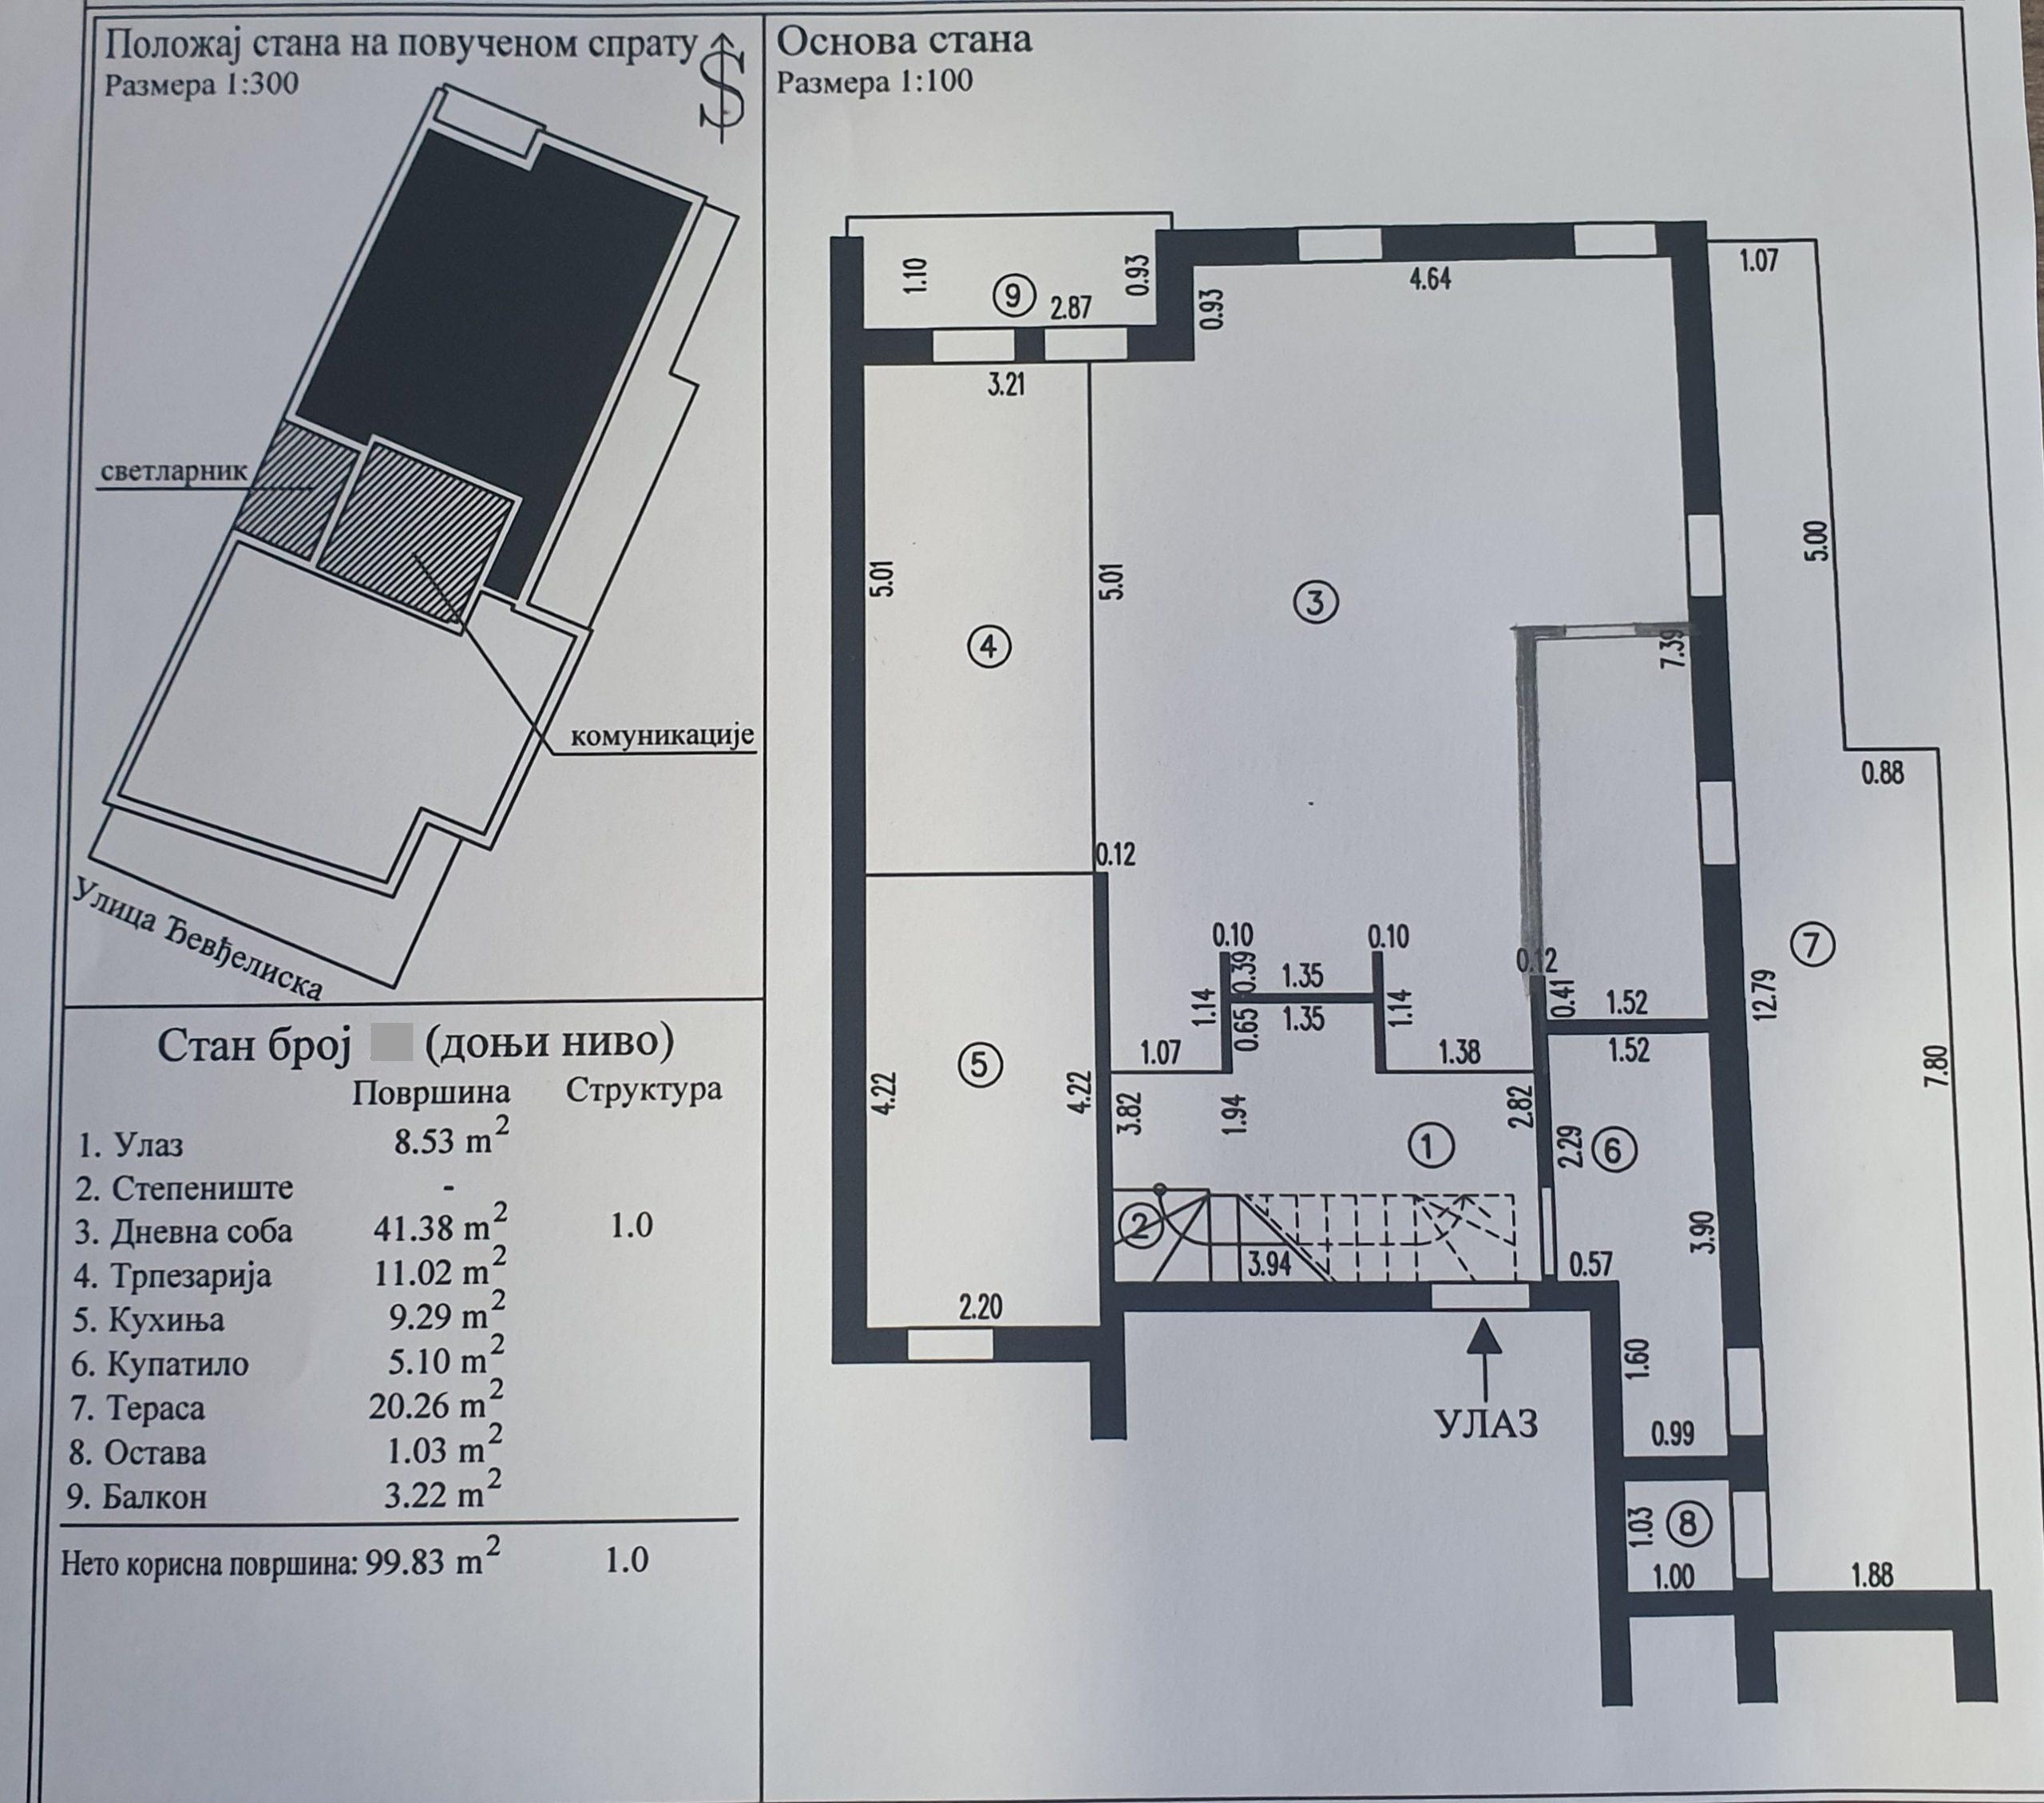 Penthaus 160+m2, Zvezdara, Djeram, Lion